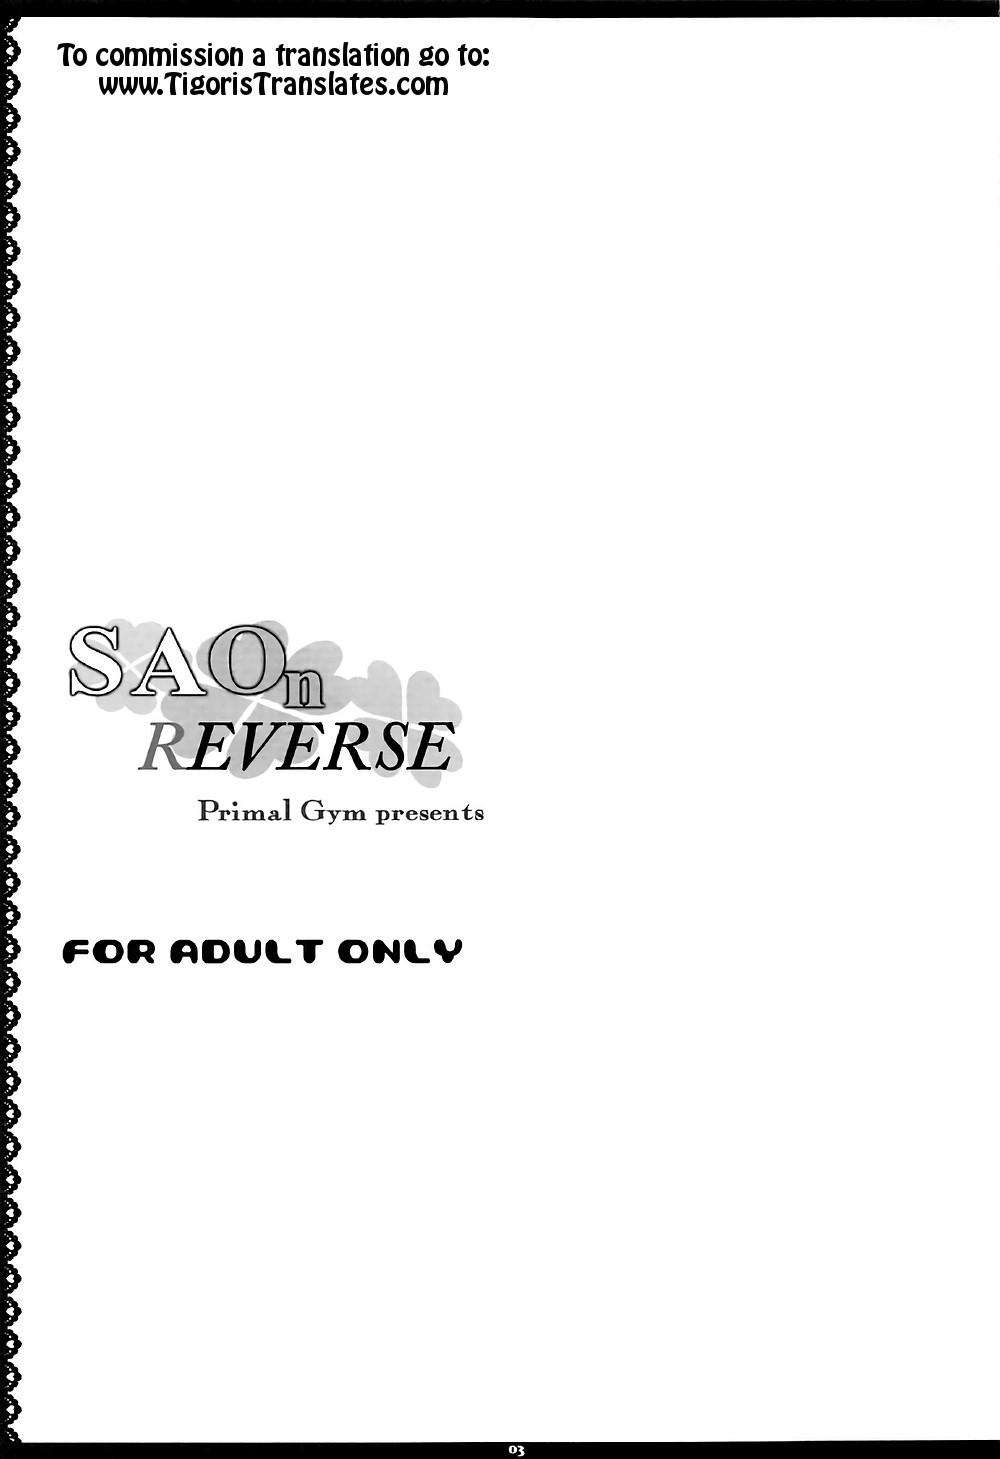 SAOn-REVERSE-02.jpg